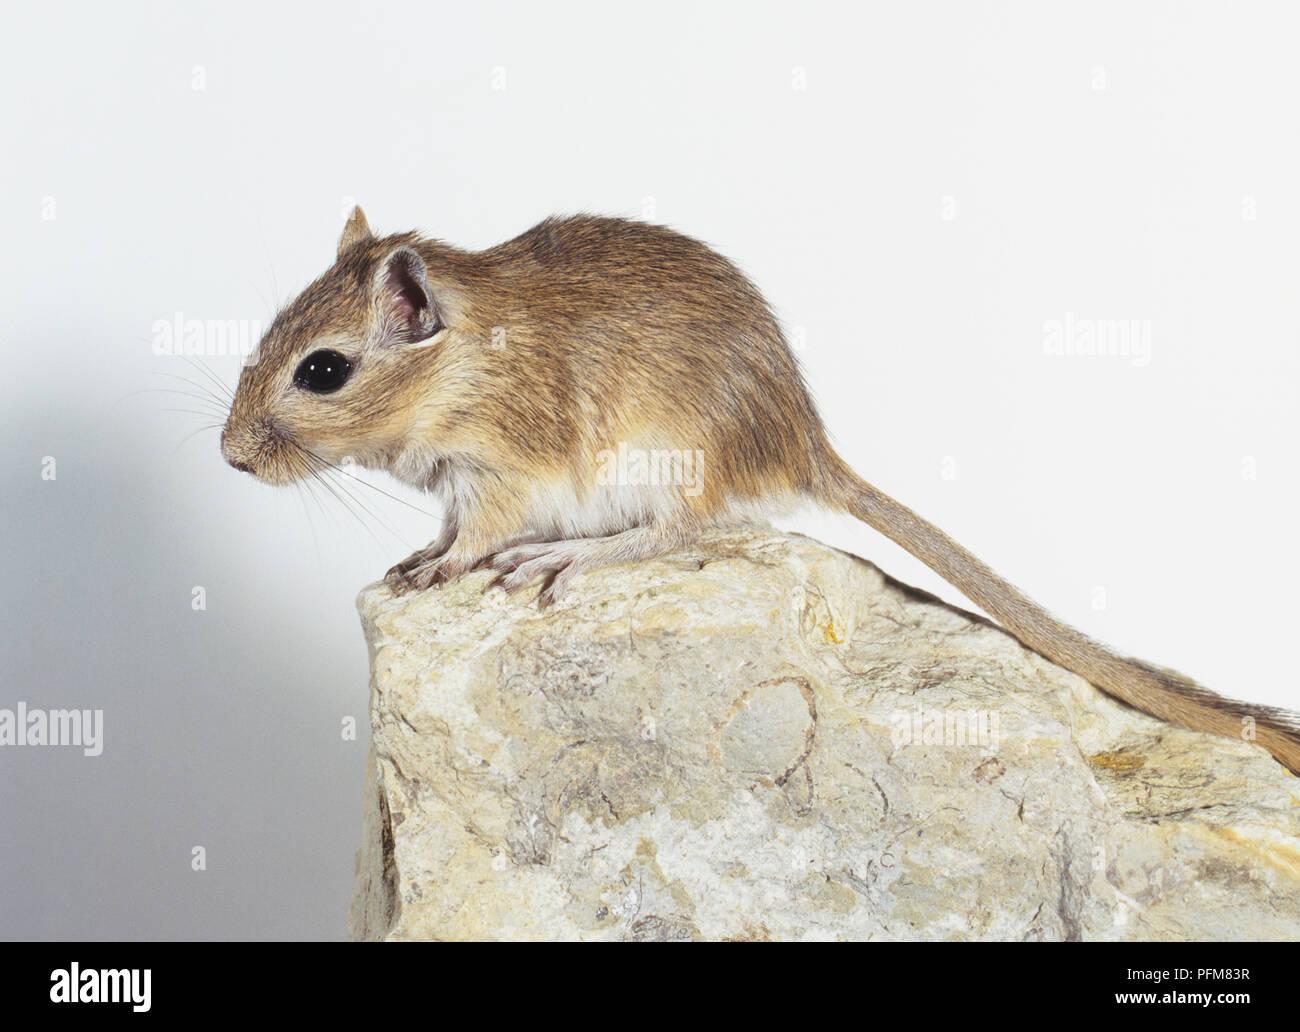 Mongolische Wüstenrennmaus (Meriones unguiculatus) auf einem Stein saß Stockfoto